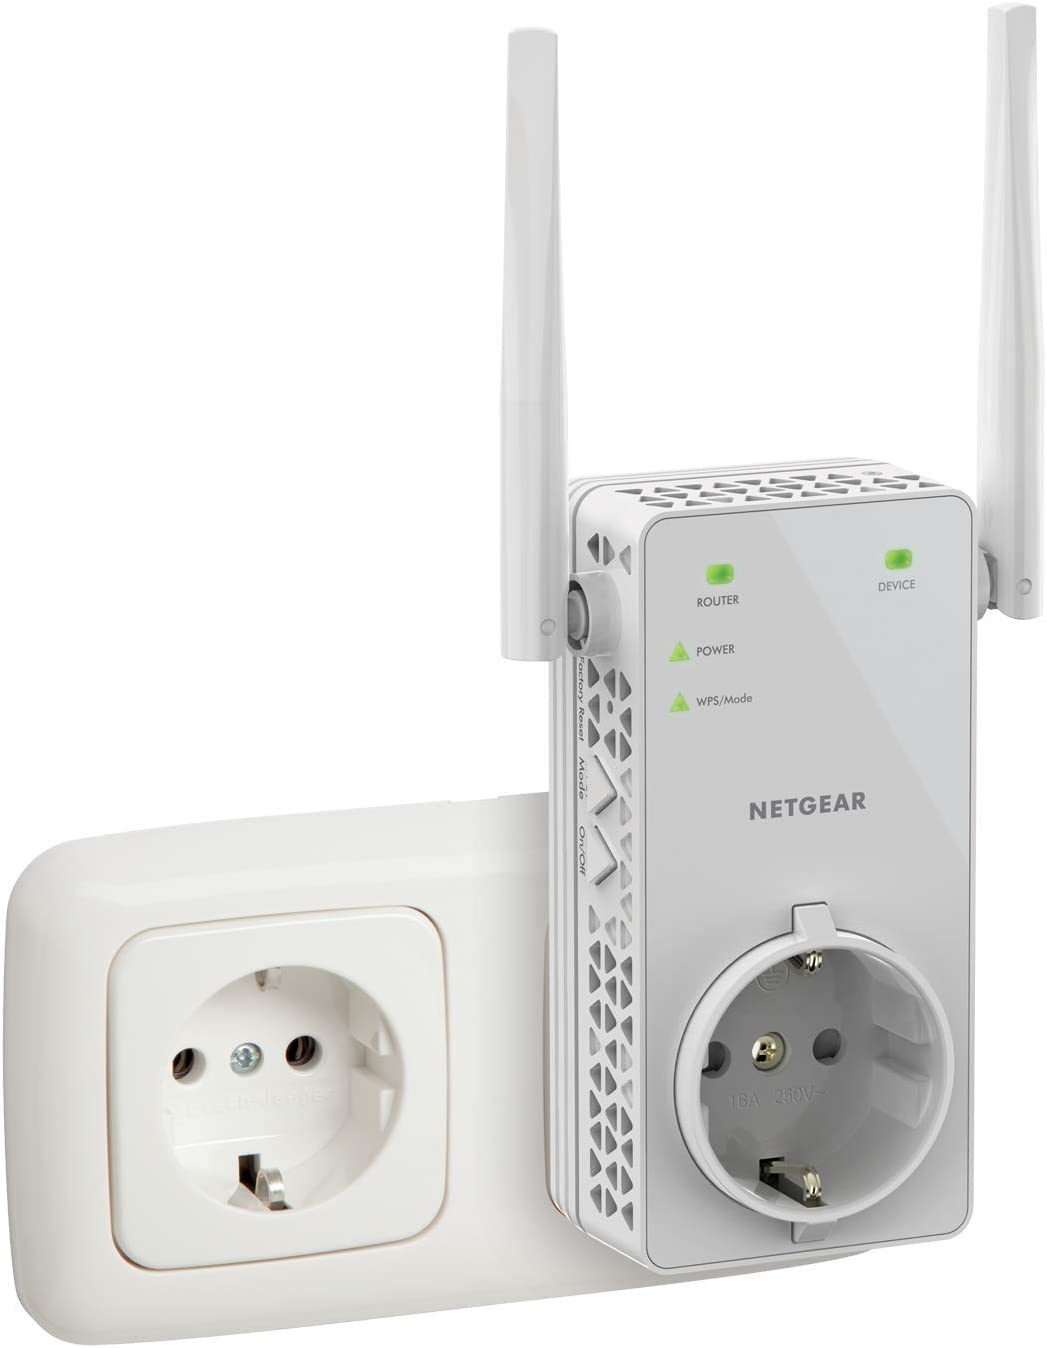 NETGEAR Répéteur WiFi (EX6130), Amplificateur WiFi AC1200, WiFi Booster, jusqu'à 90m² et...